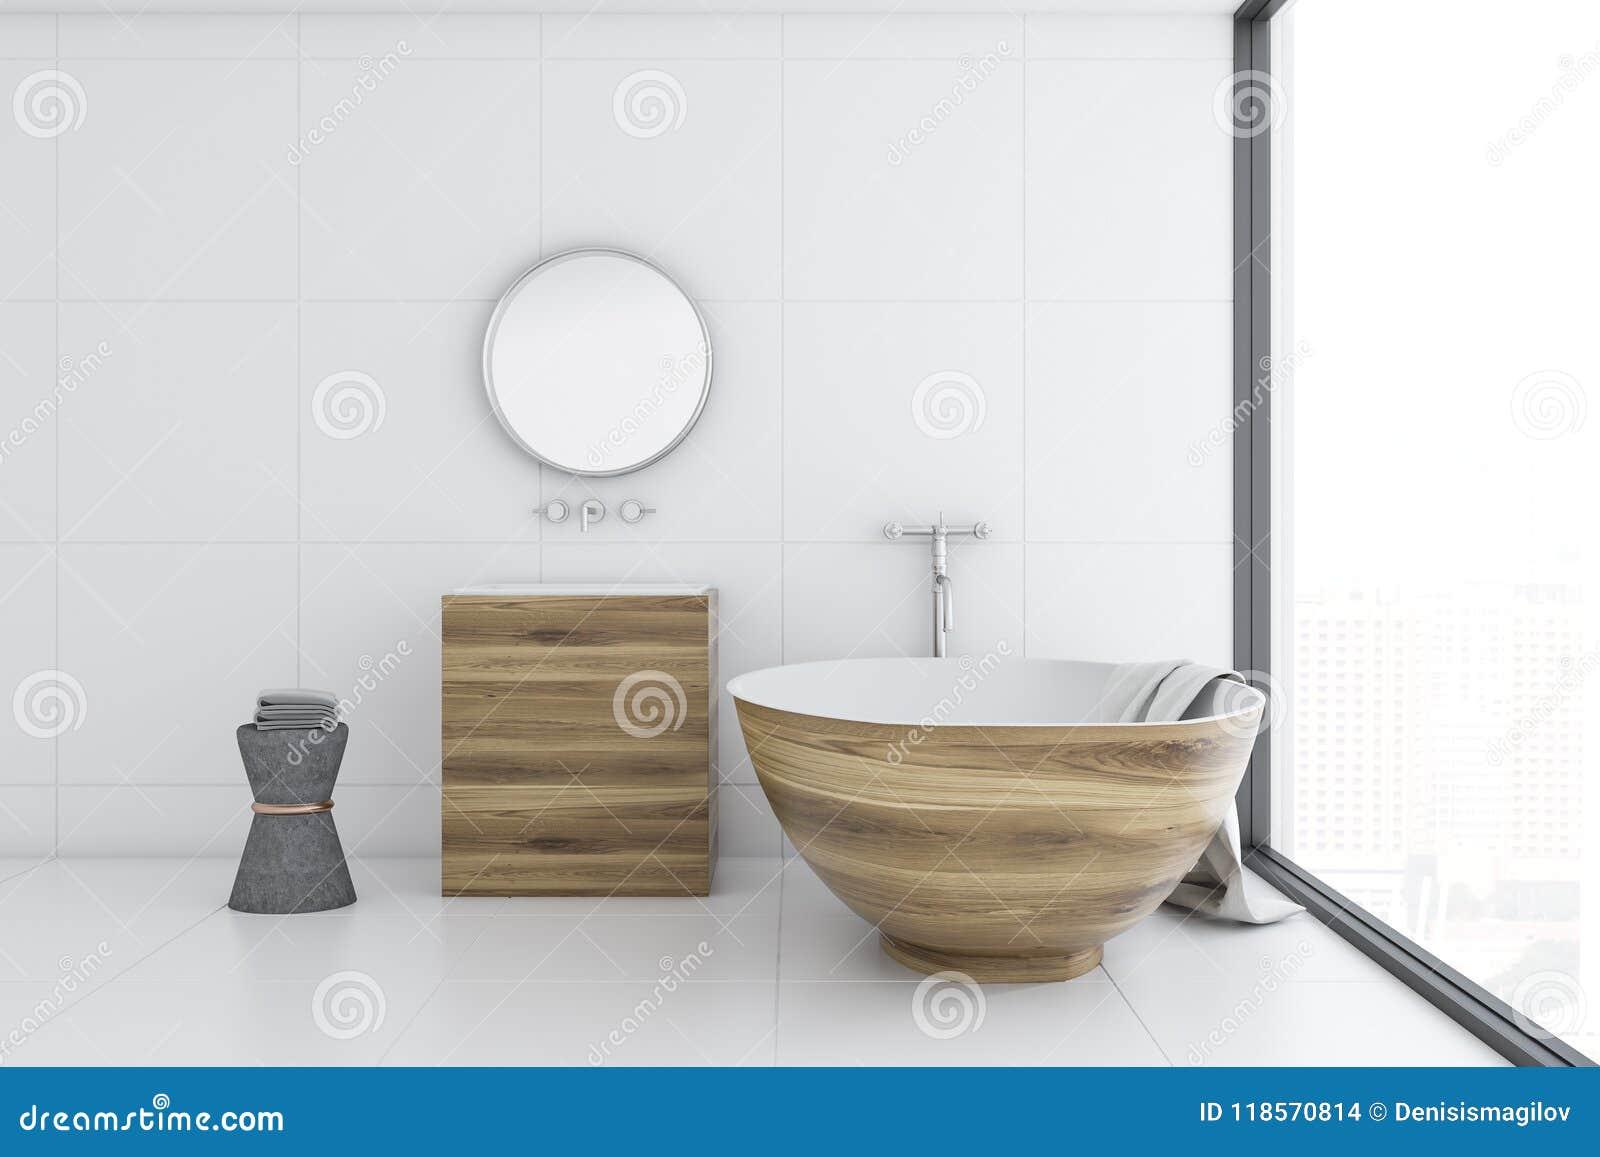 Ушат белой ванной комнаты внутренние, деревянные и раковина, сторона